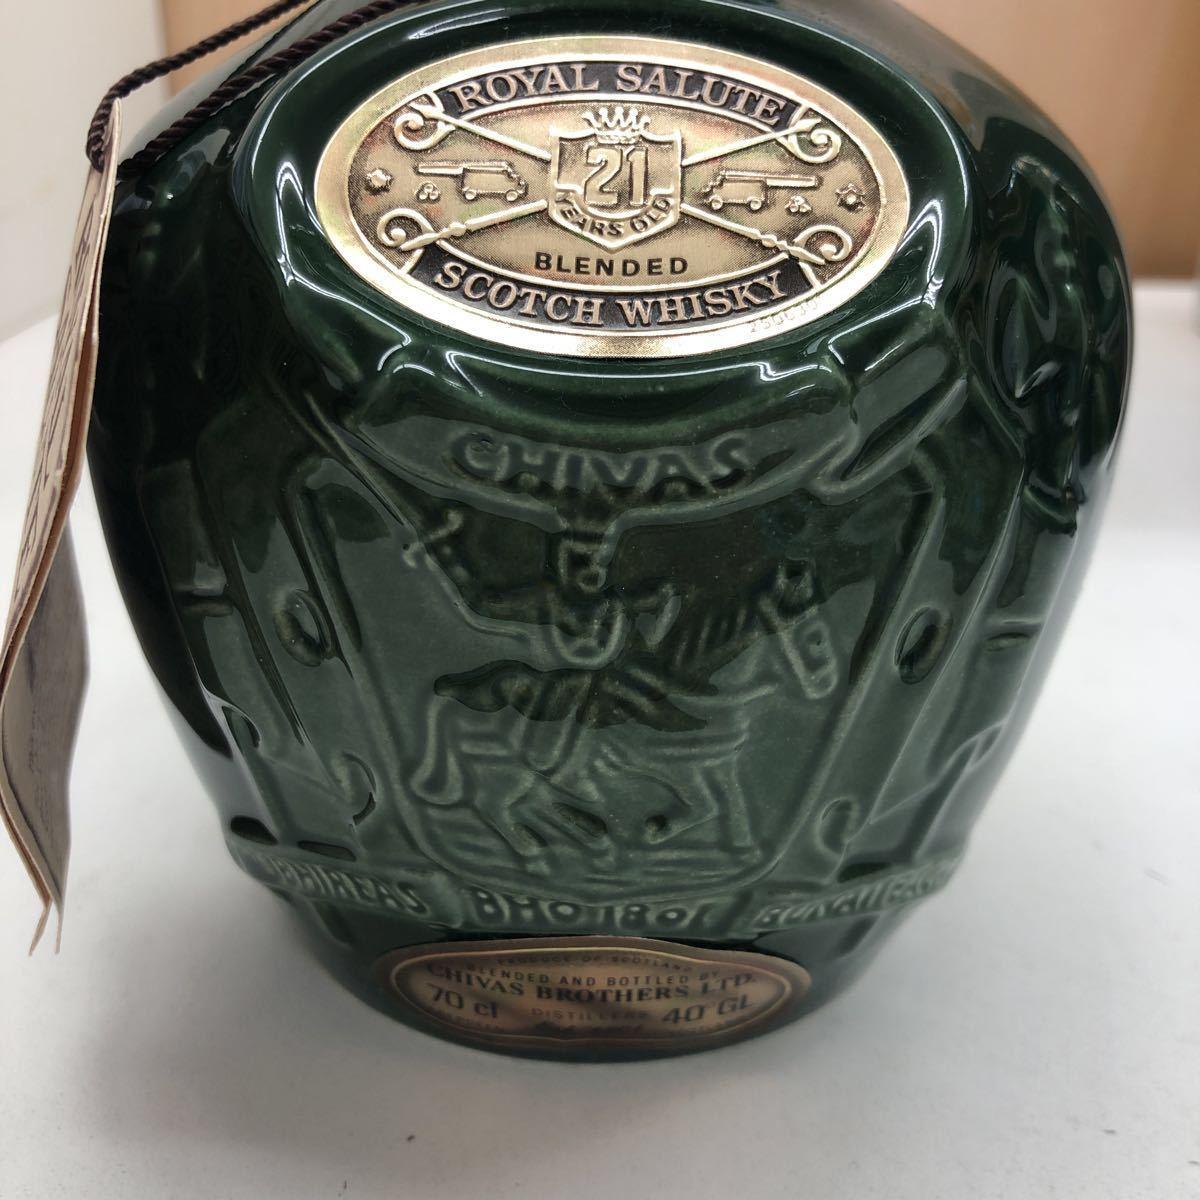 【未開封】CHIVAS BROTHERS ROYAL SALUTE 陶器ボトル1307g 700ml 40%/CHIVAS REGAL 12年 750ml 43% 計2本 外箱付き_画像2